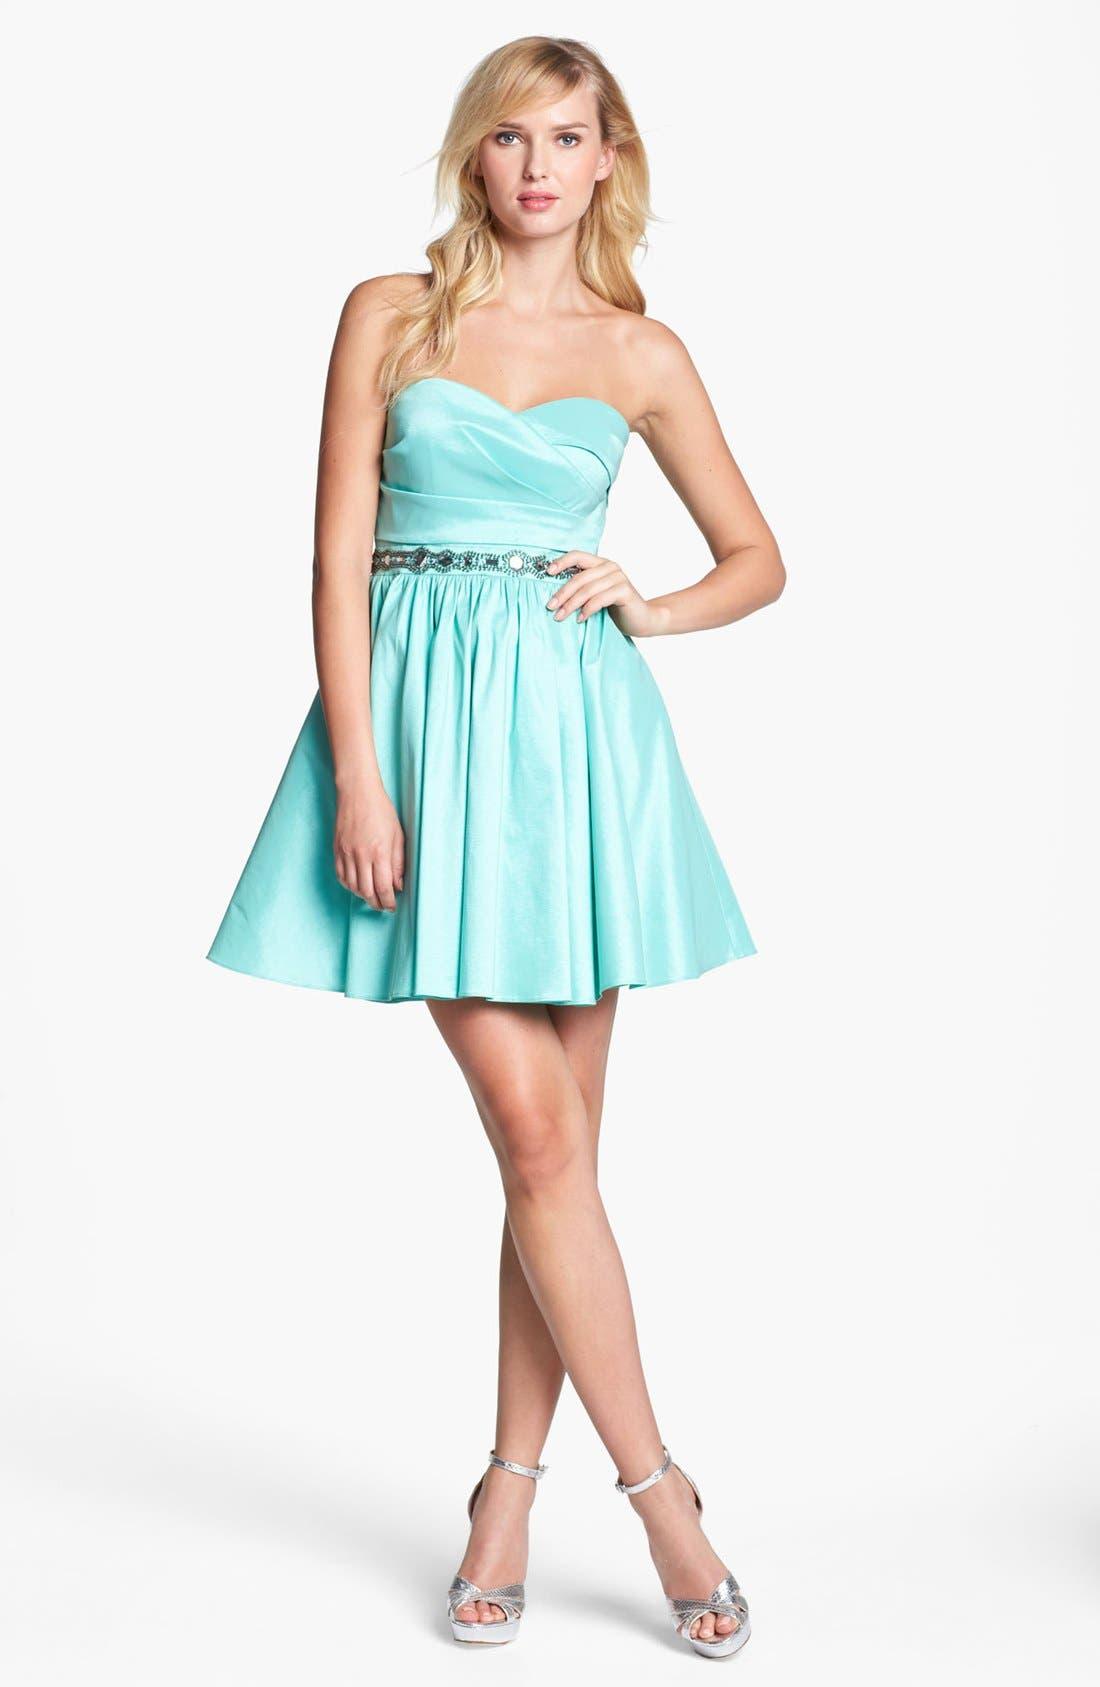 Alternate Image 1 Selected - Aidan Mattox Strapless Bead Waist Dress (Online Only)